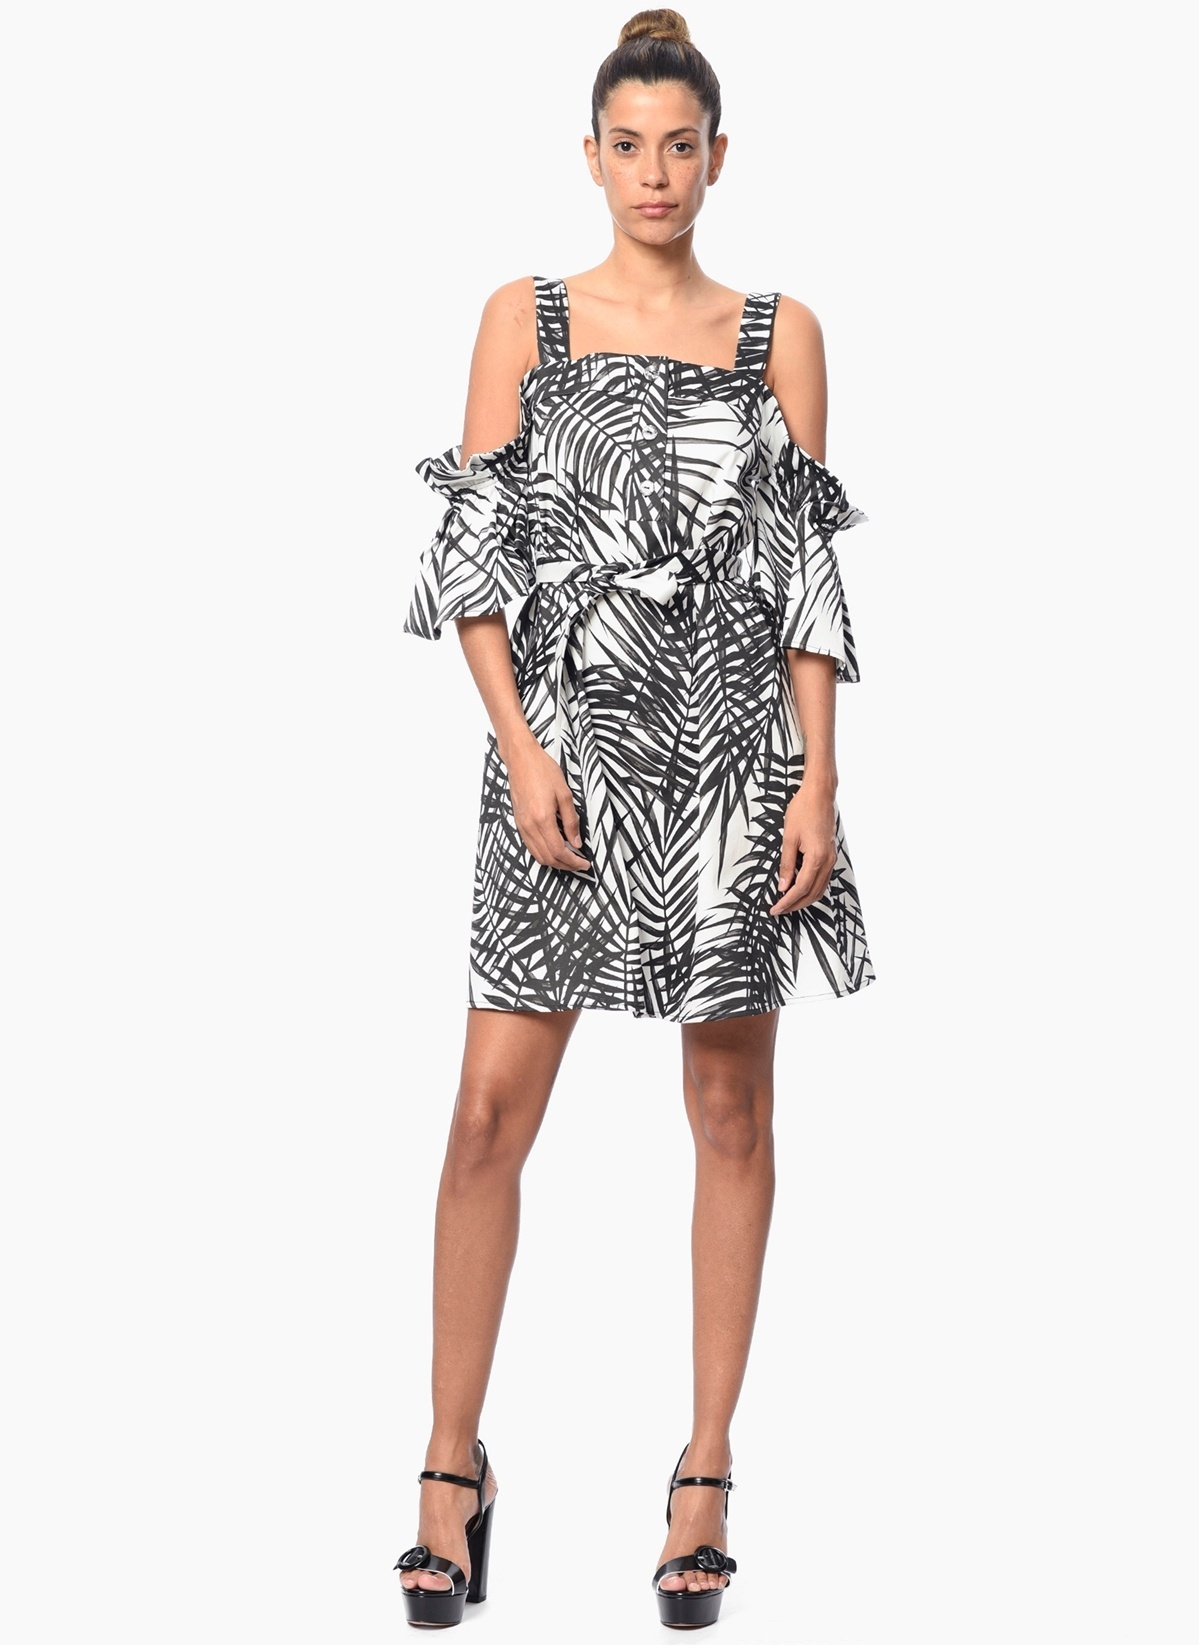 c3011fff949a1 NetWork Kadın Kayık Yaka Askılı Mini Elbise Siyah Beyaz | Morhipo ...